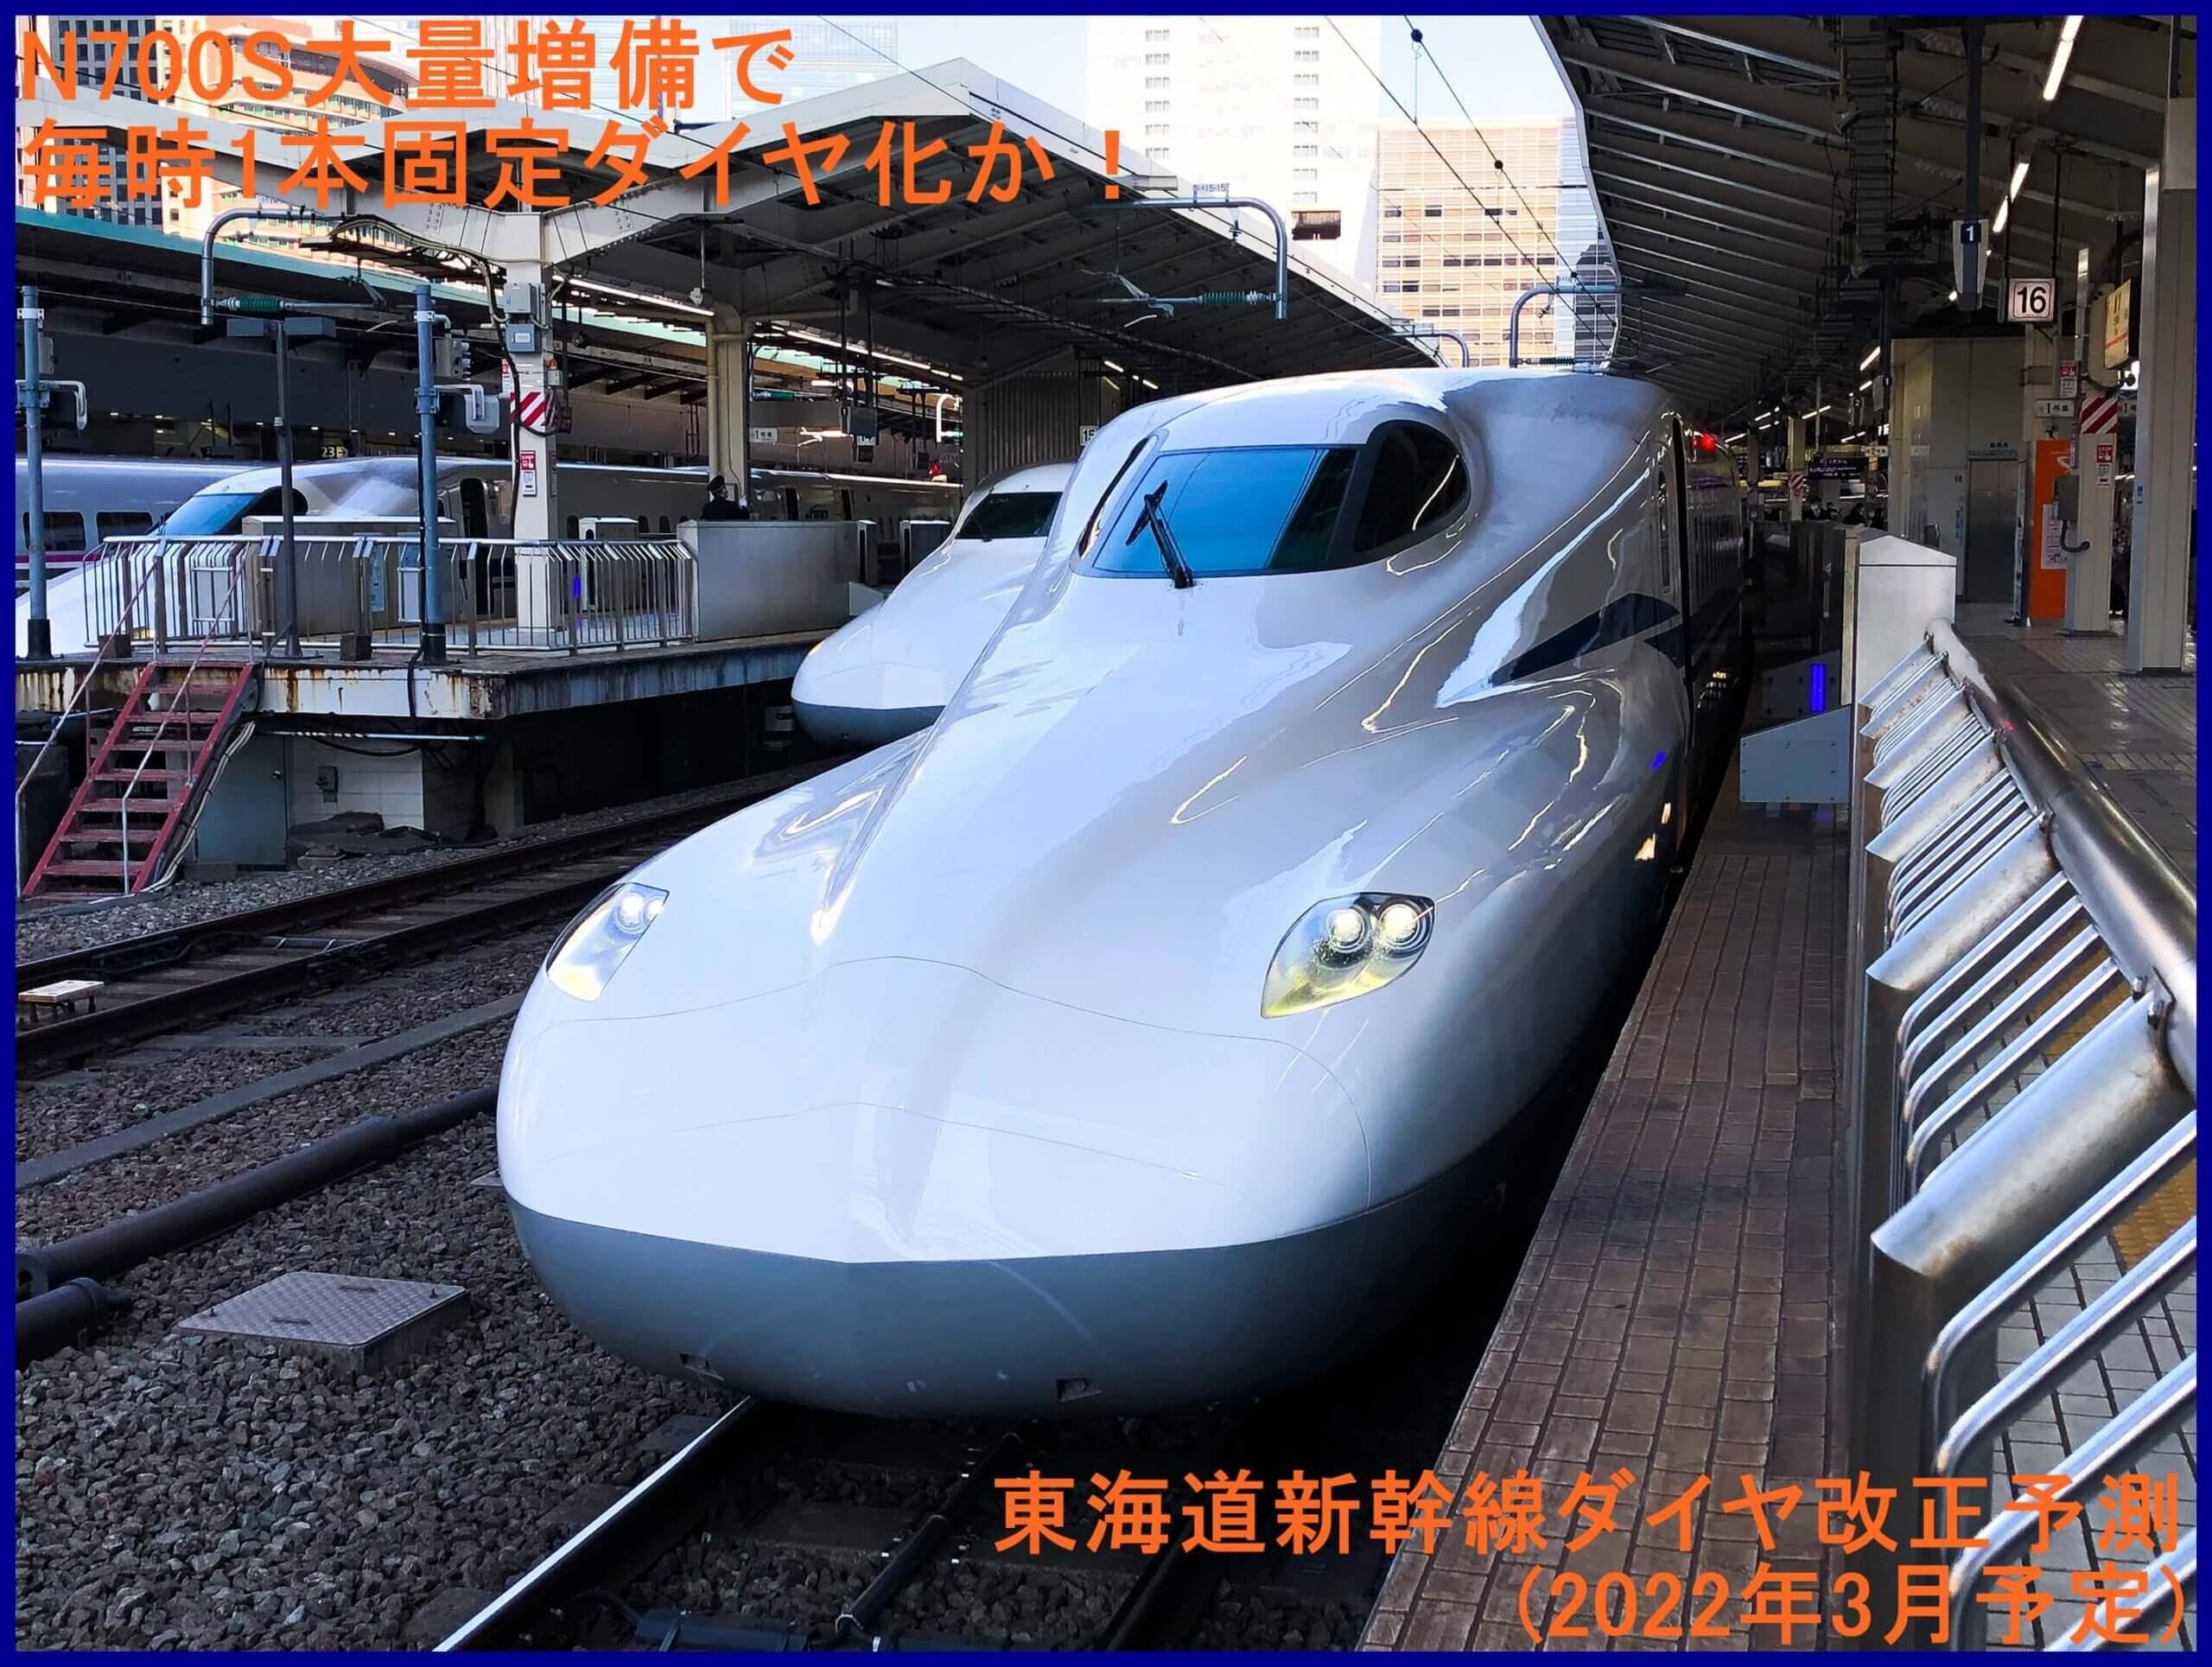 N700S大量増備で毎時1本固定ダイヤ化か! 東海道新幹線ダイヤ改正予測(2022年3月予定)